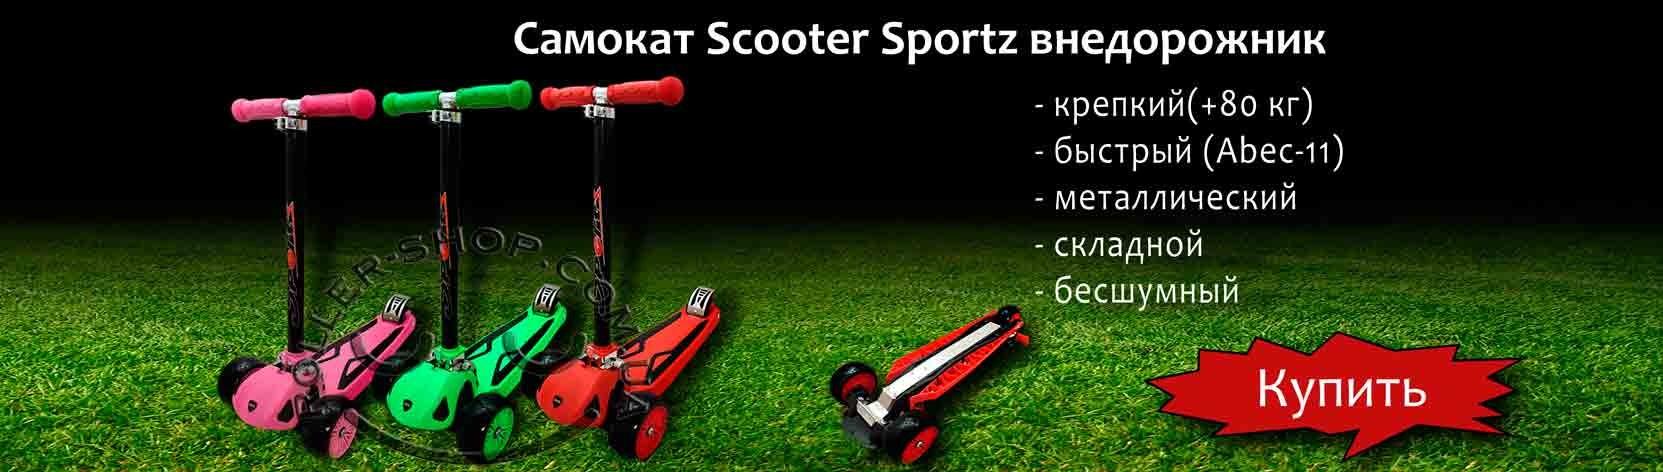 Самокат Scooter Sportz внедорожник с широкими колесами